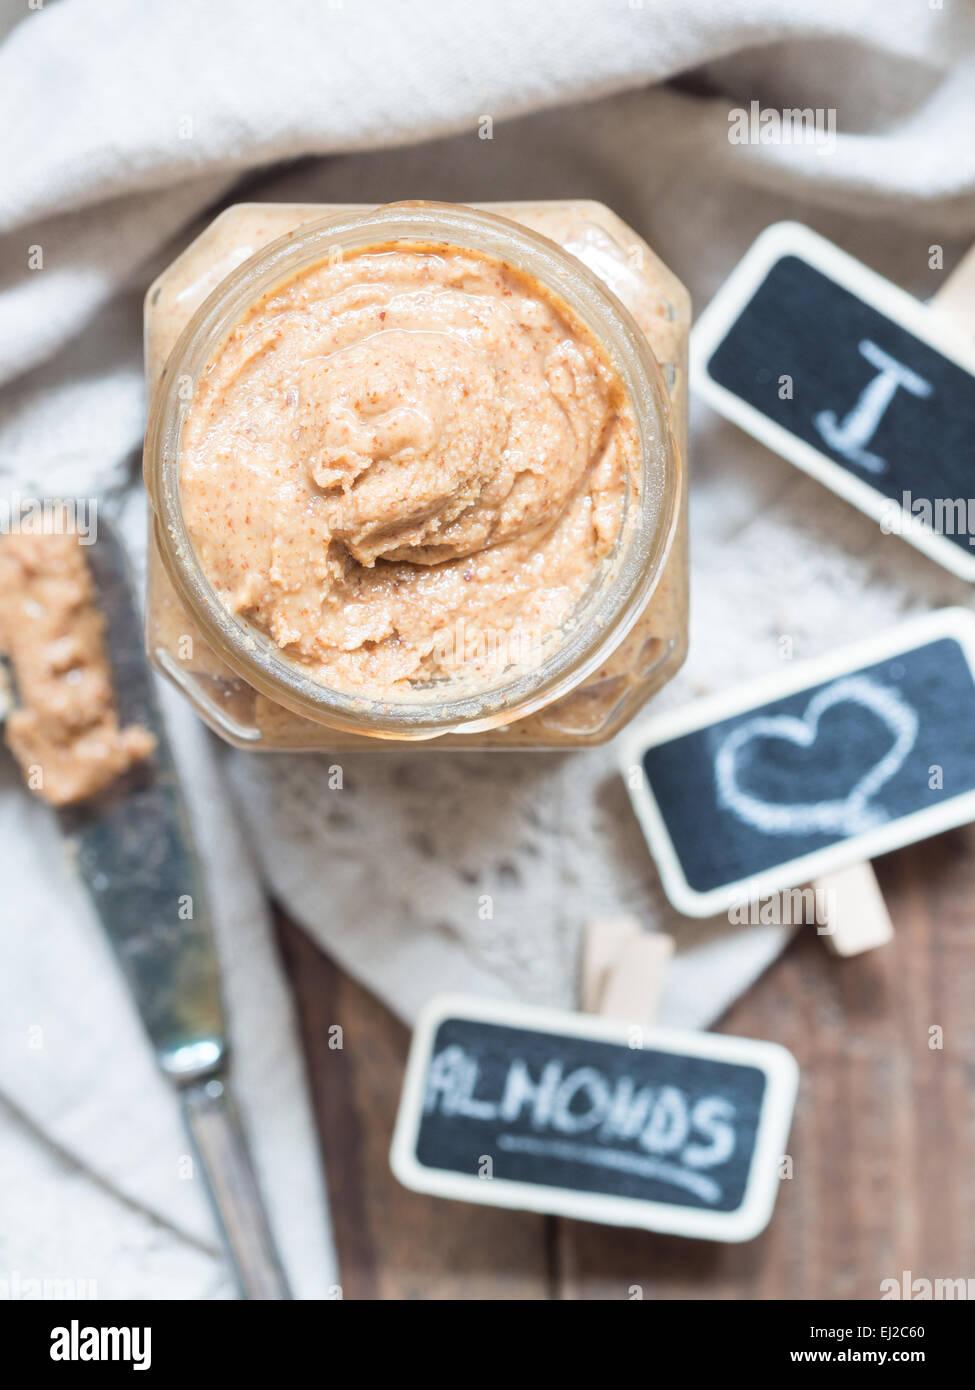 Foto verticale di prodotti naturali fatti in casa il burro di mandorle in un vaso di vetro posto sul rustico tavolo Immagini Stock